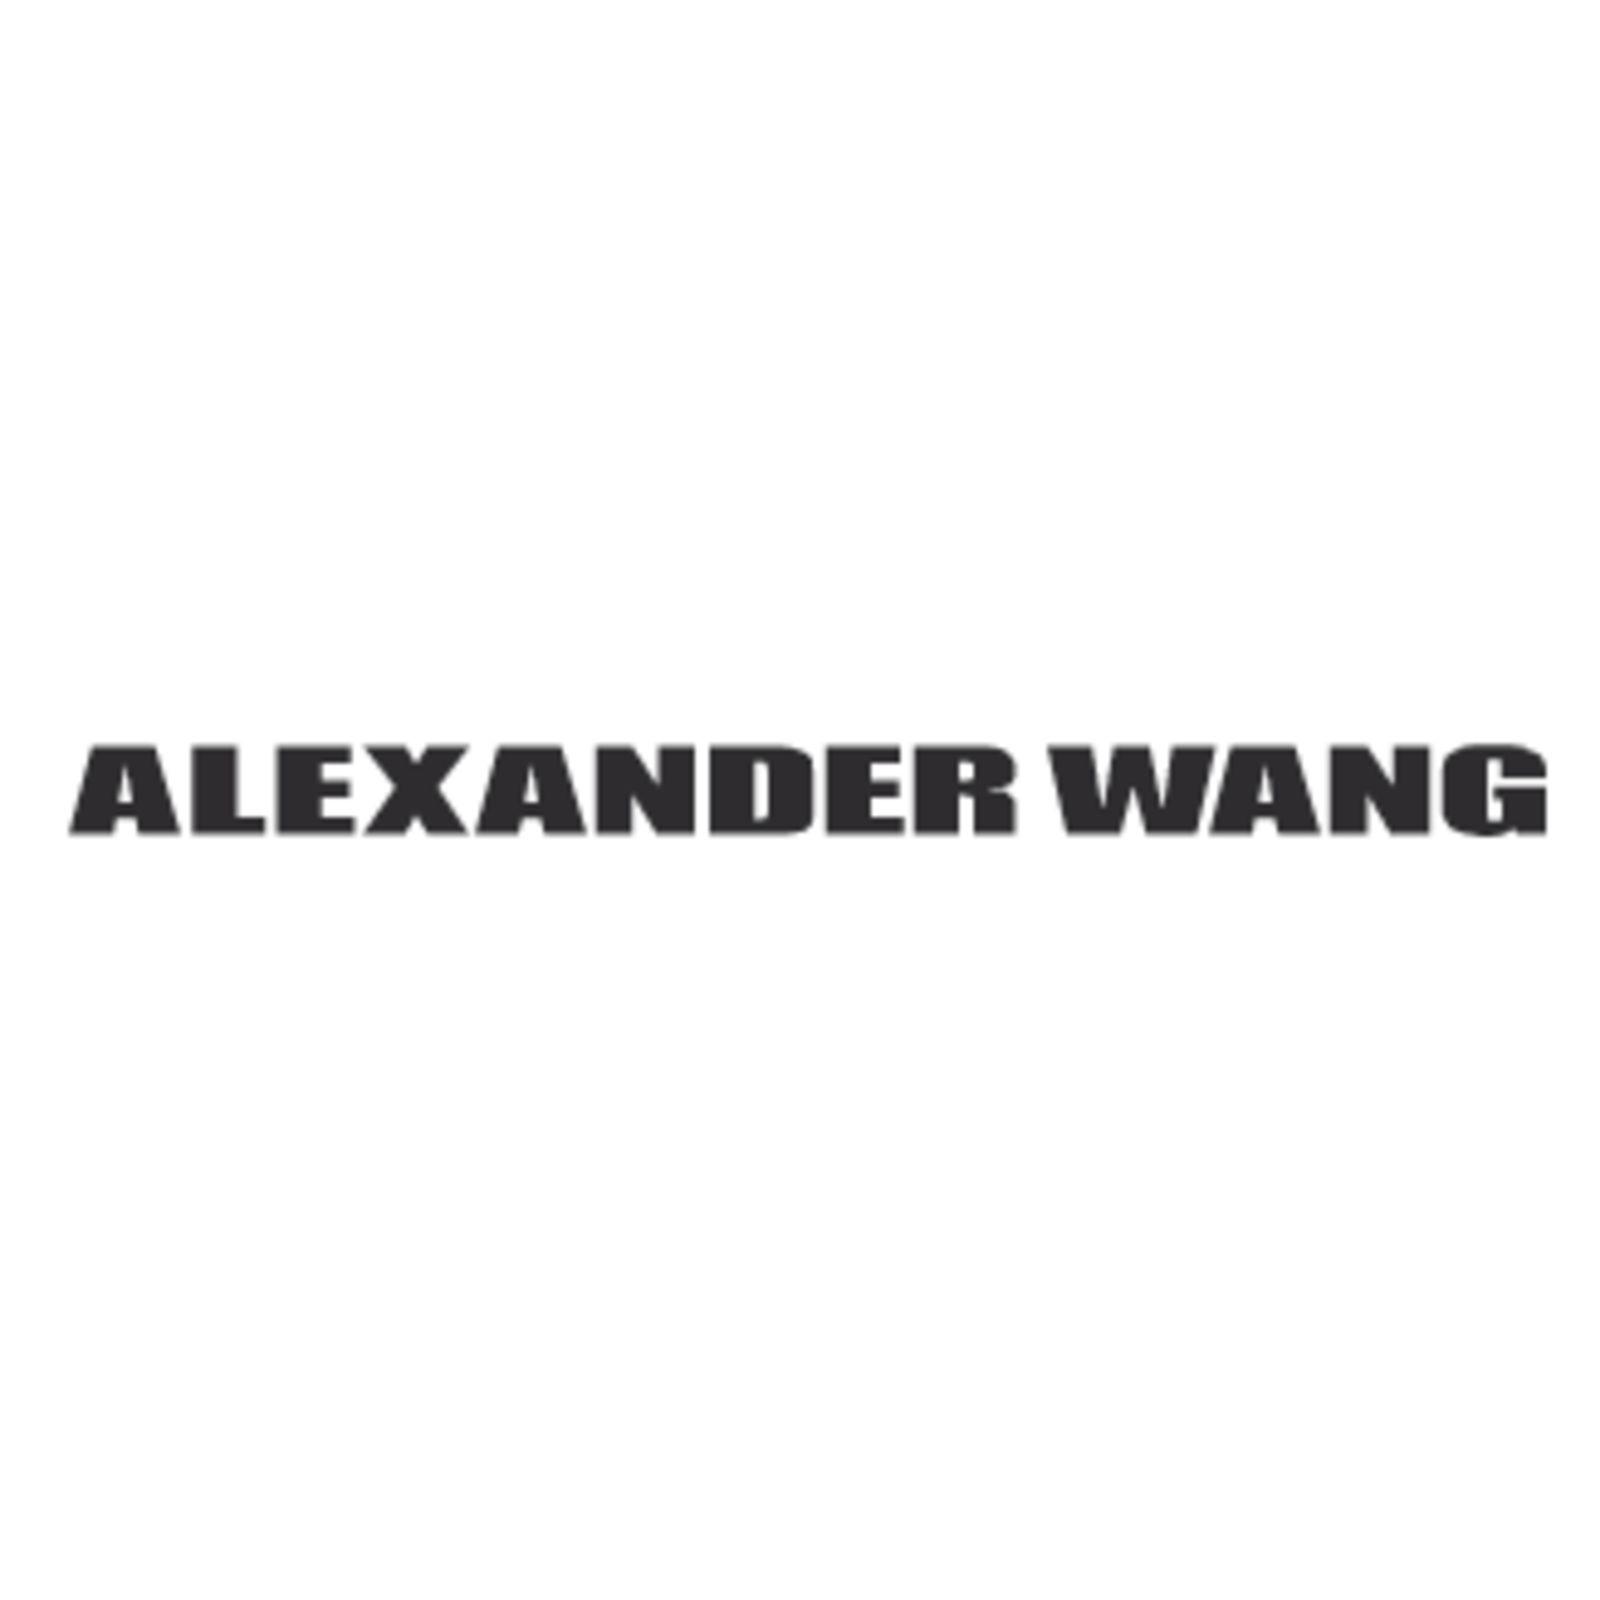 ALEXANDER WANG (Imagen 1)